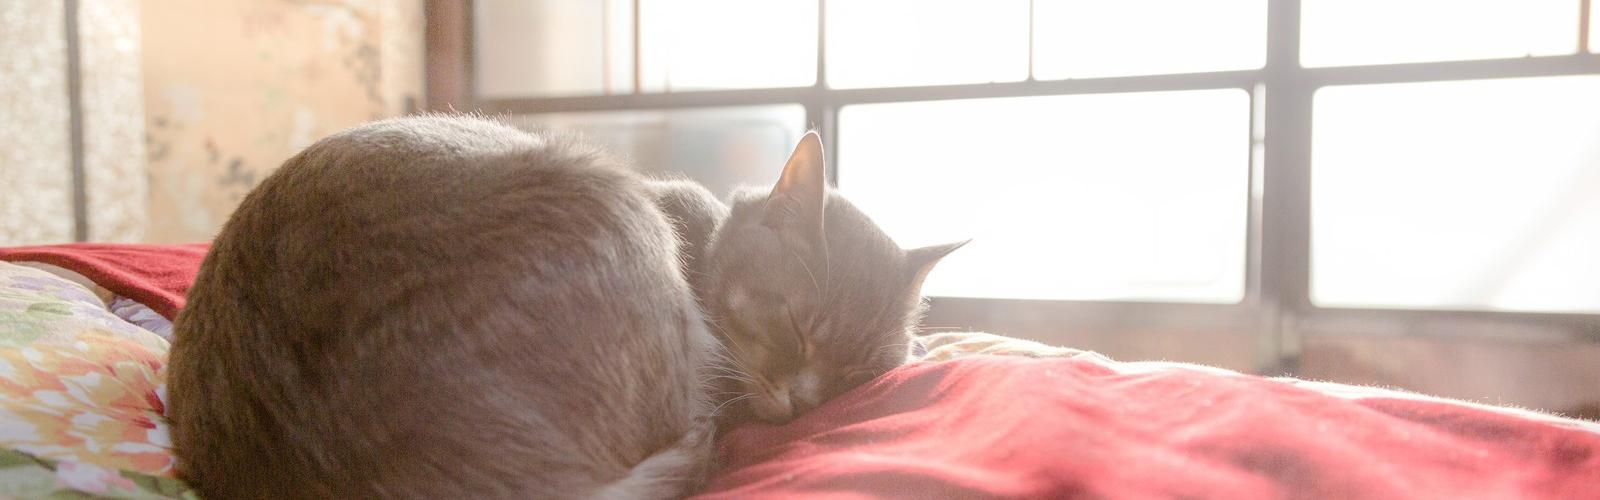 コタツの上で日向ぼっこをしながら眠る猫